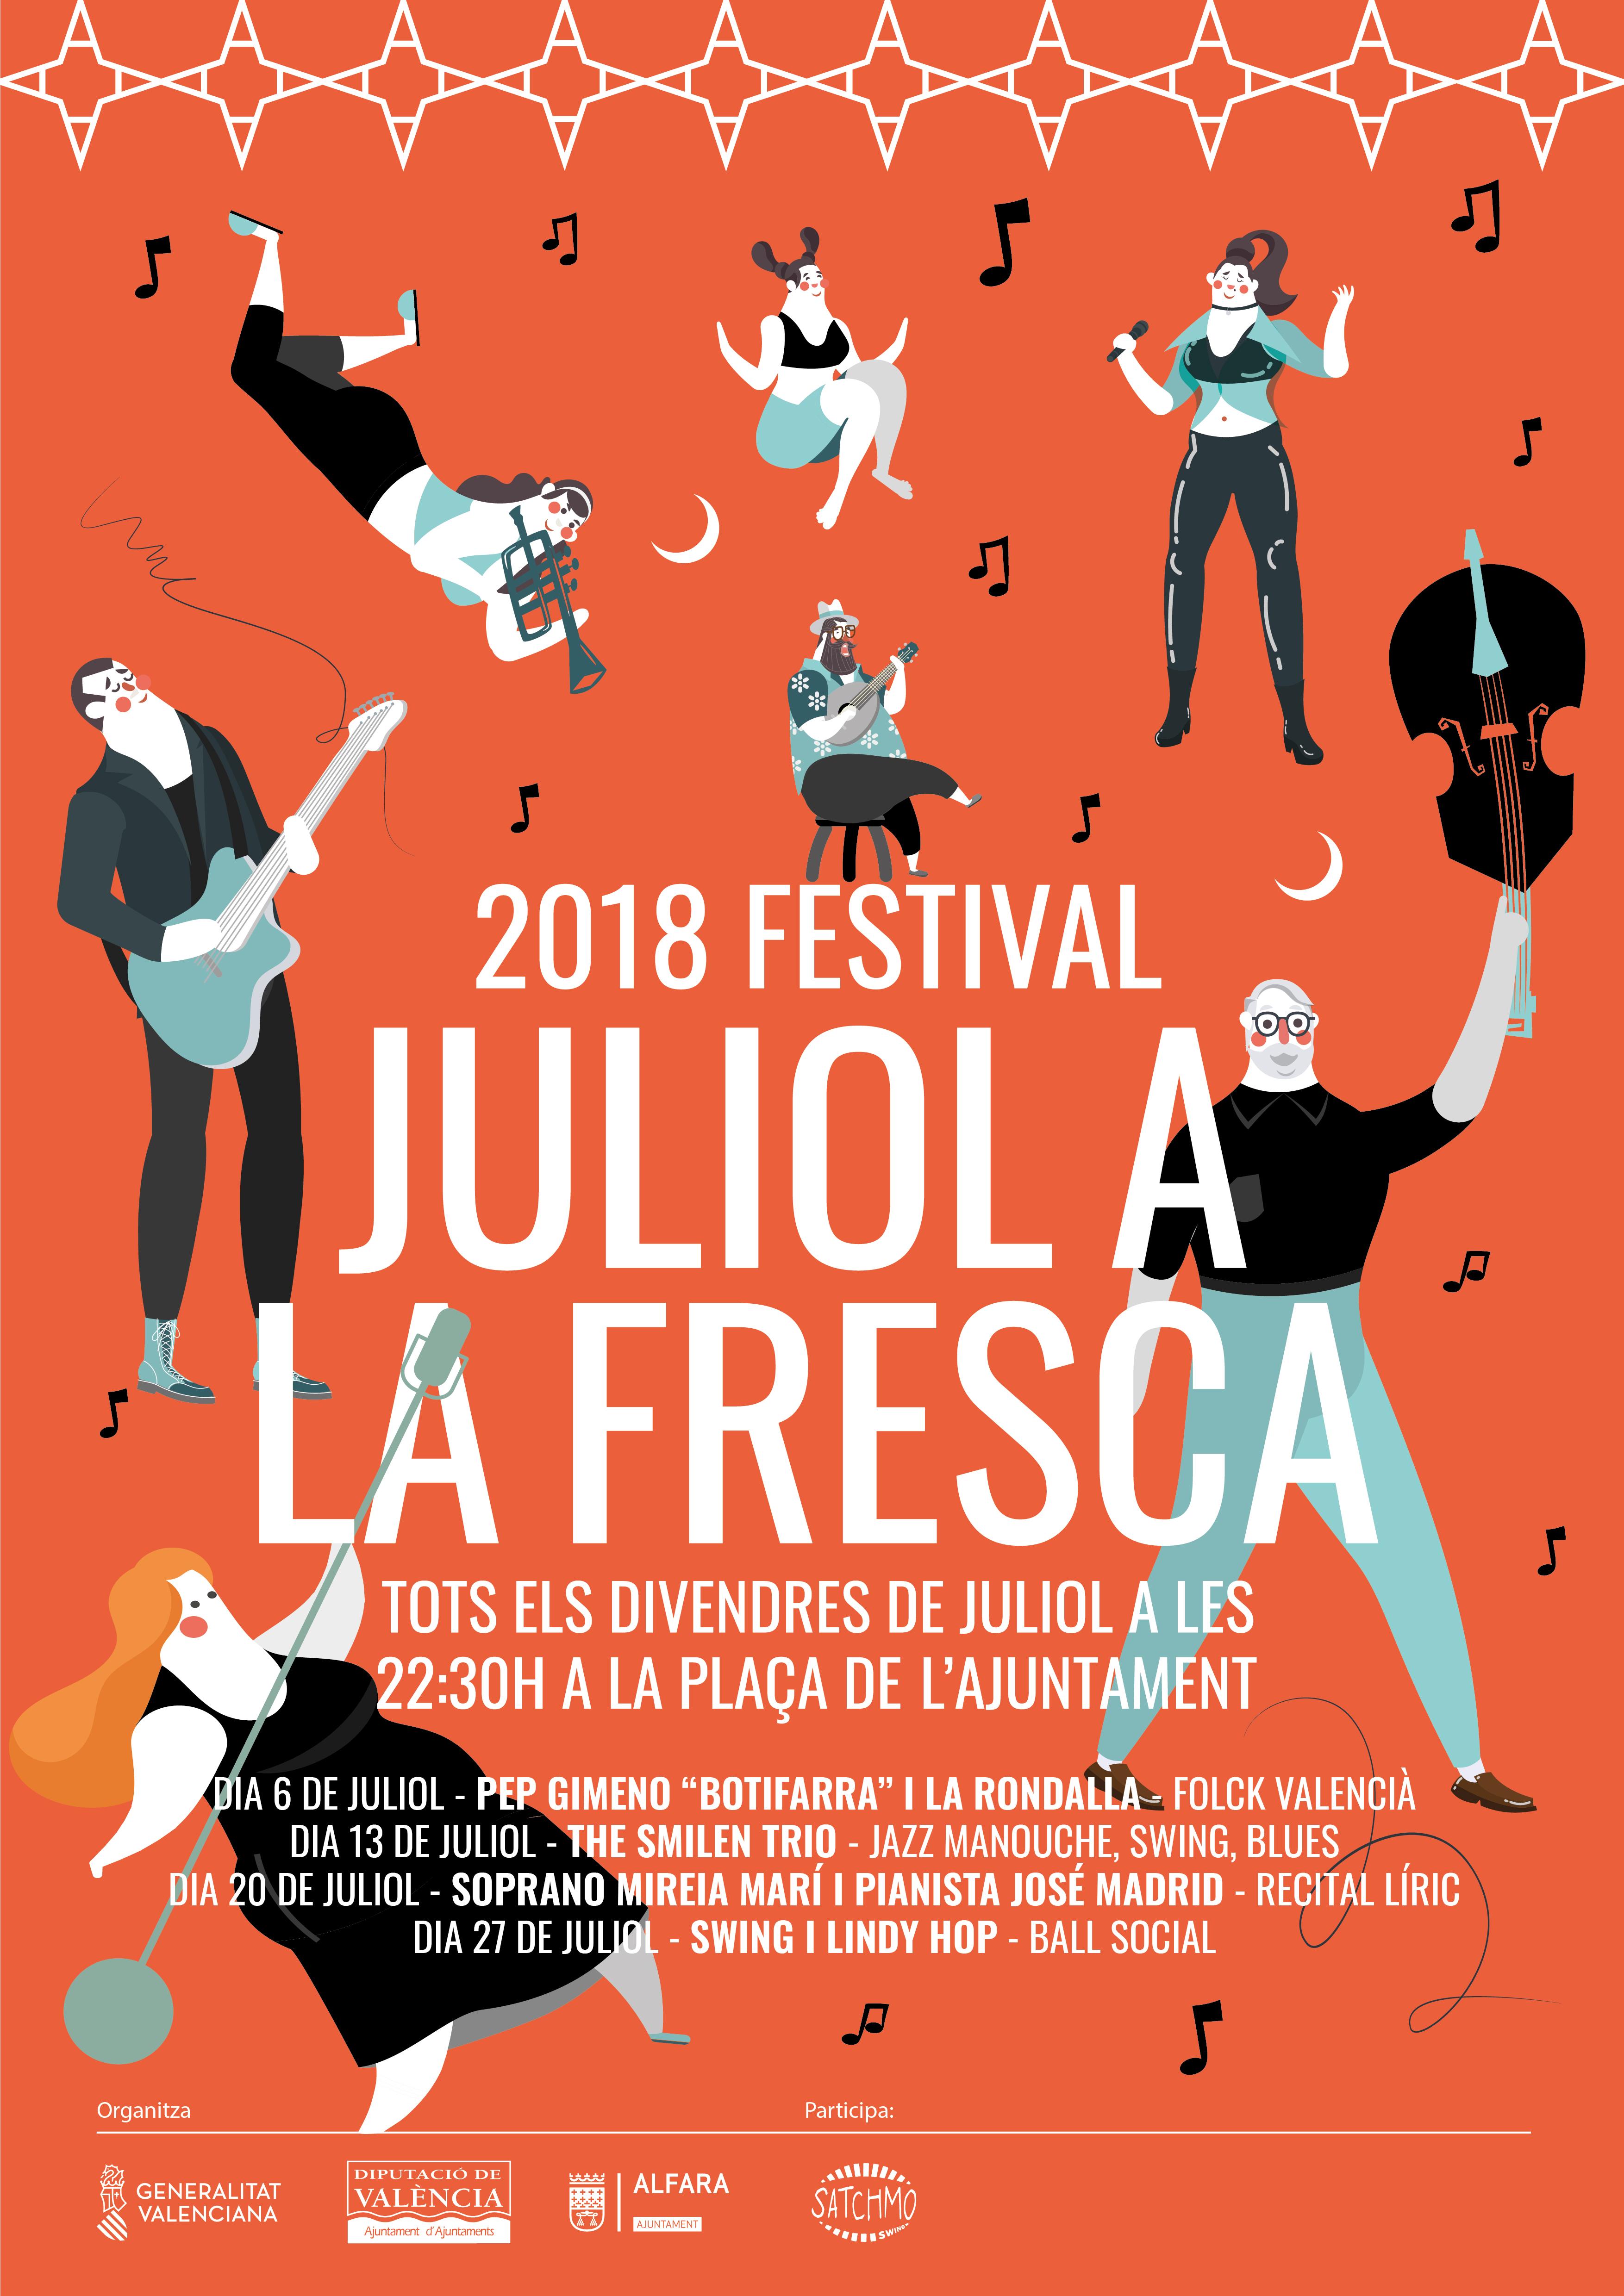 JULIOL A LA FRESCA (2)